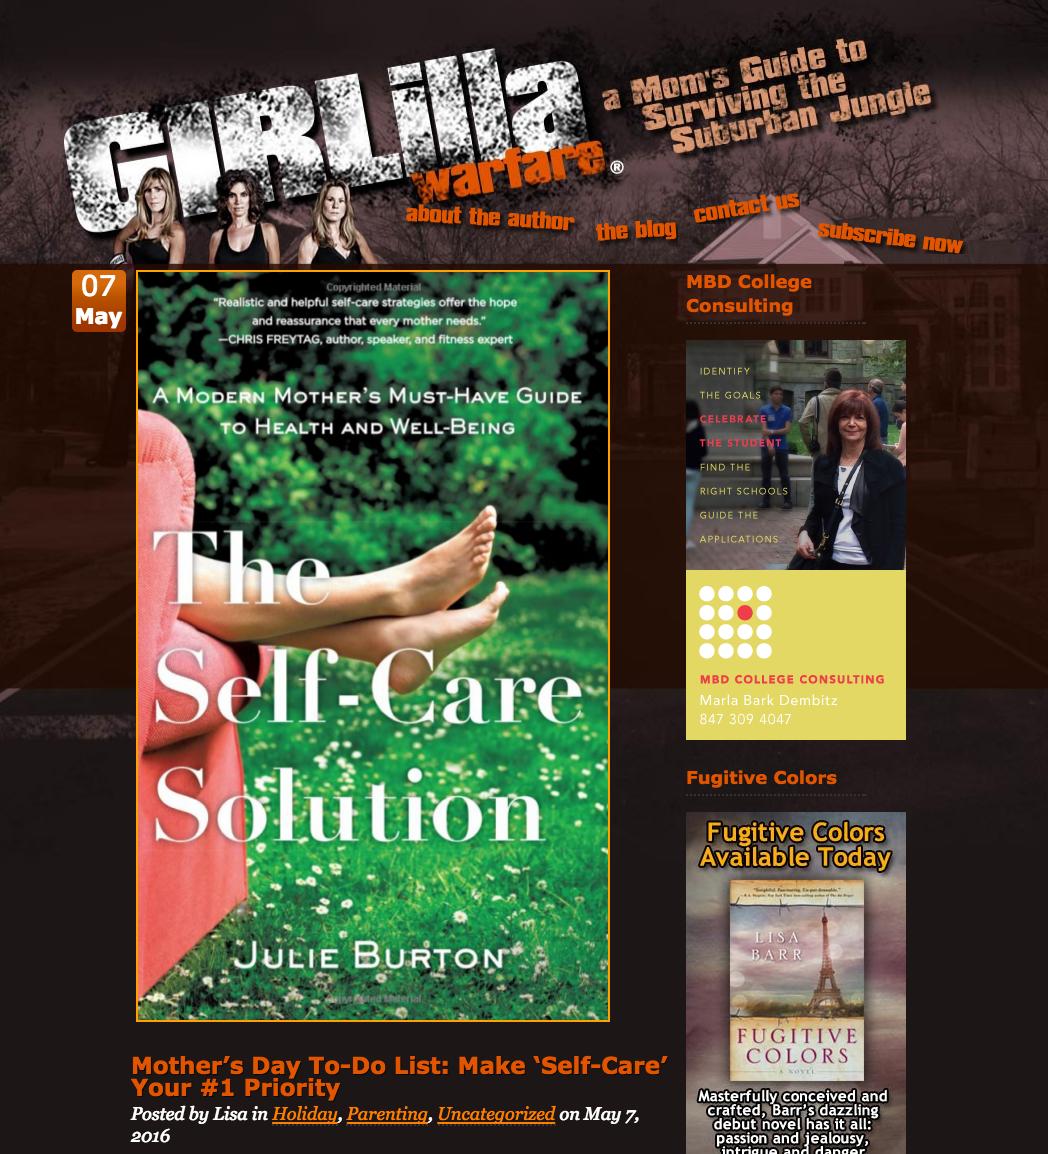 Girlilla-Warfare-Julie-Burton-Self-Care-Solution